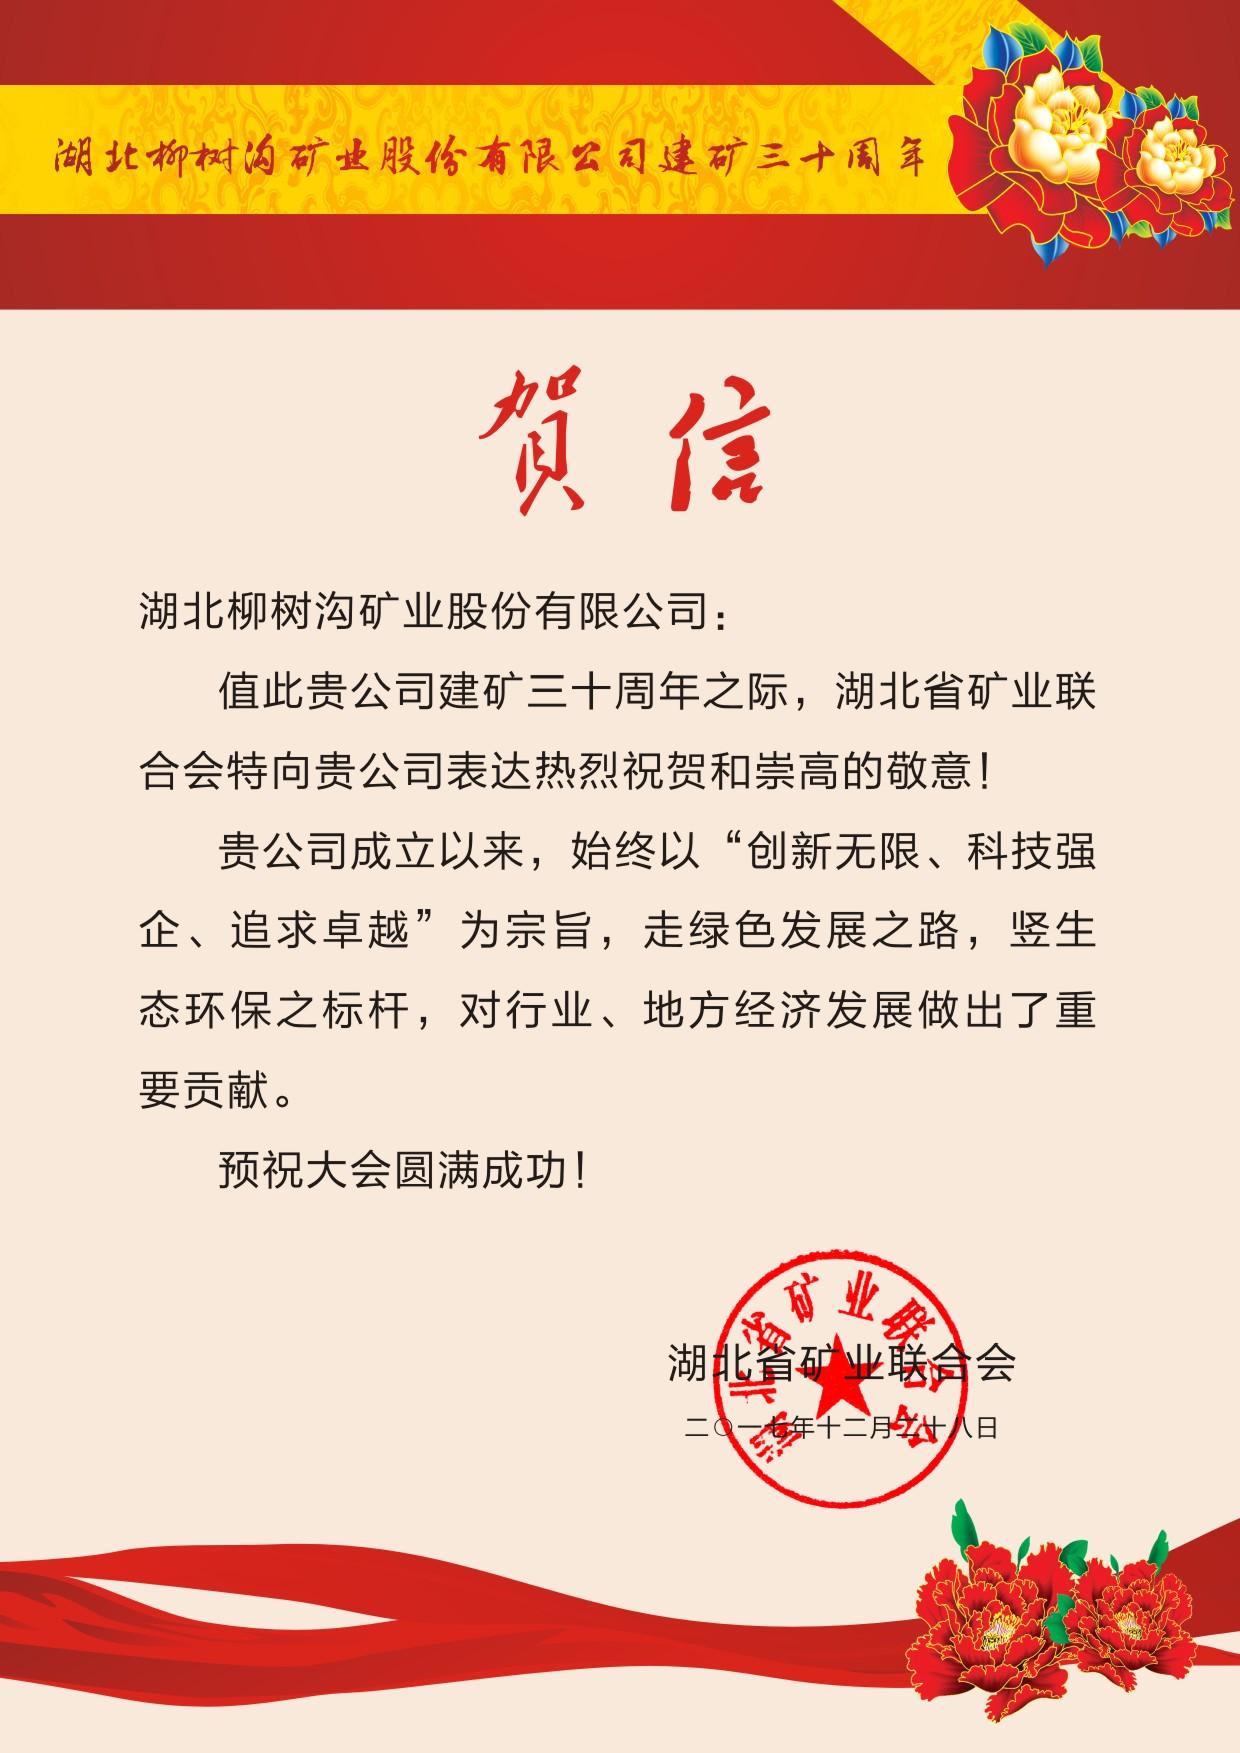 热烈祝贺湖北柳树沟矿业股份有限公司建矿三十周年